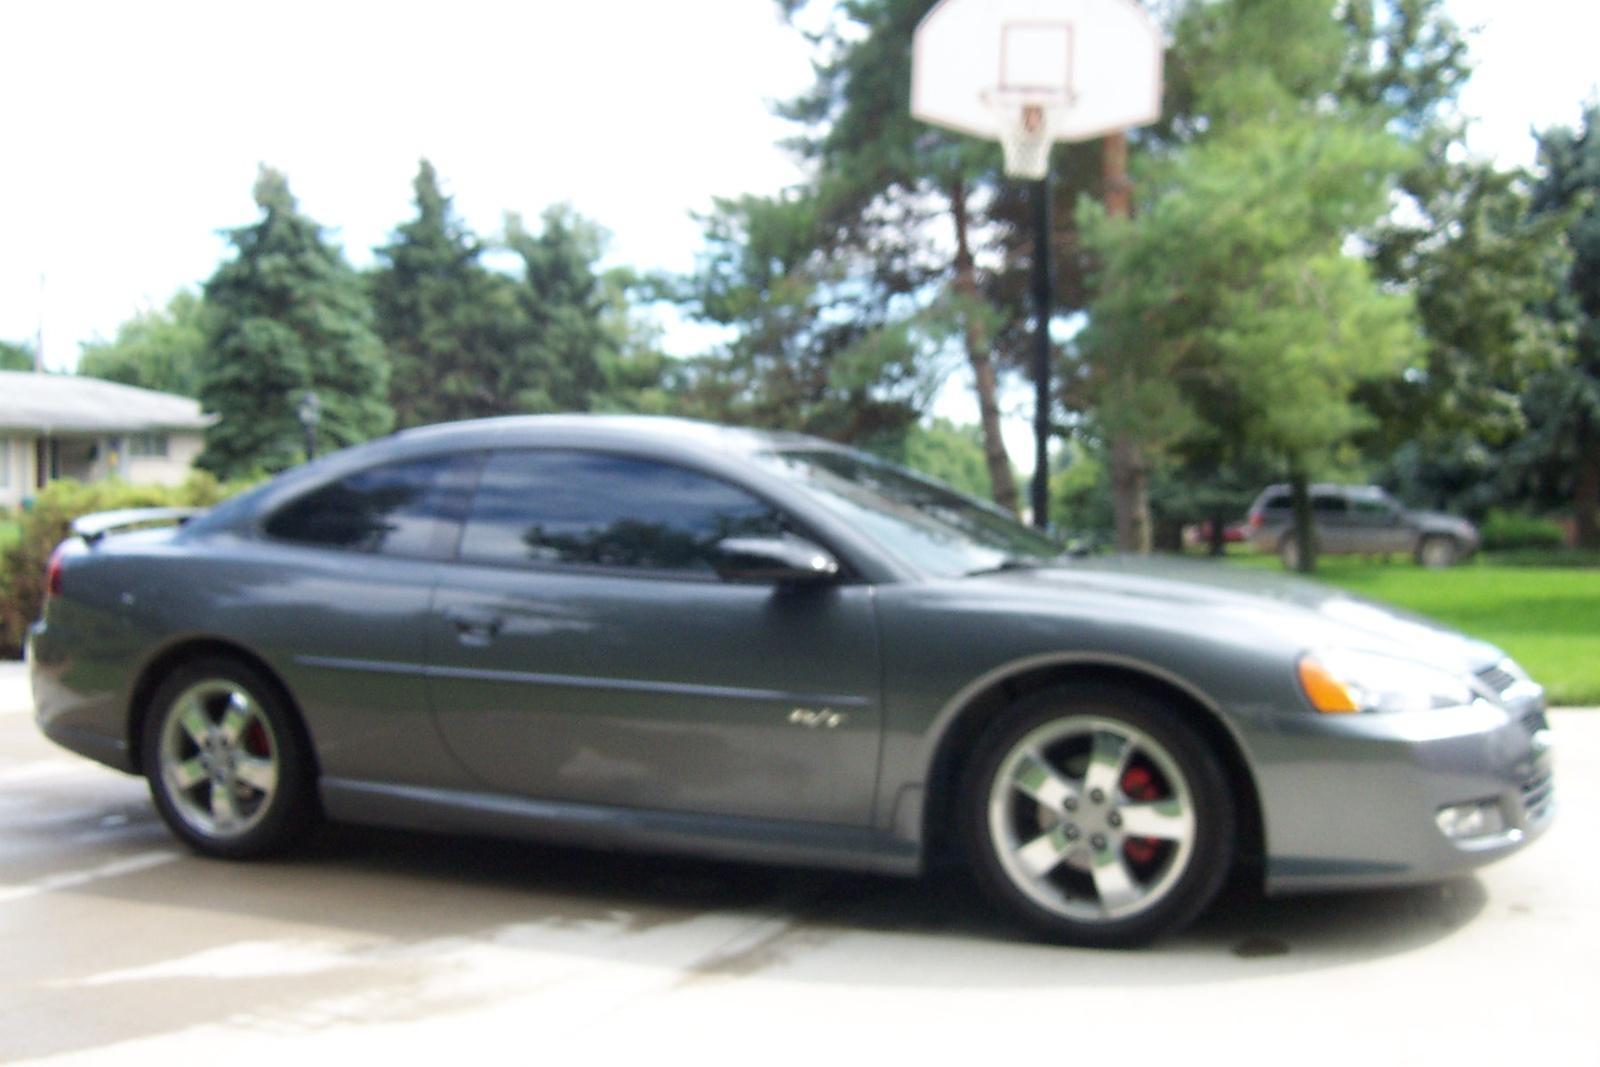 800 1024 1280 1600 origin 2003 Dodge Stratus ...